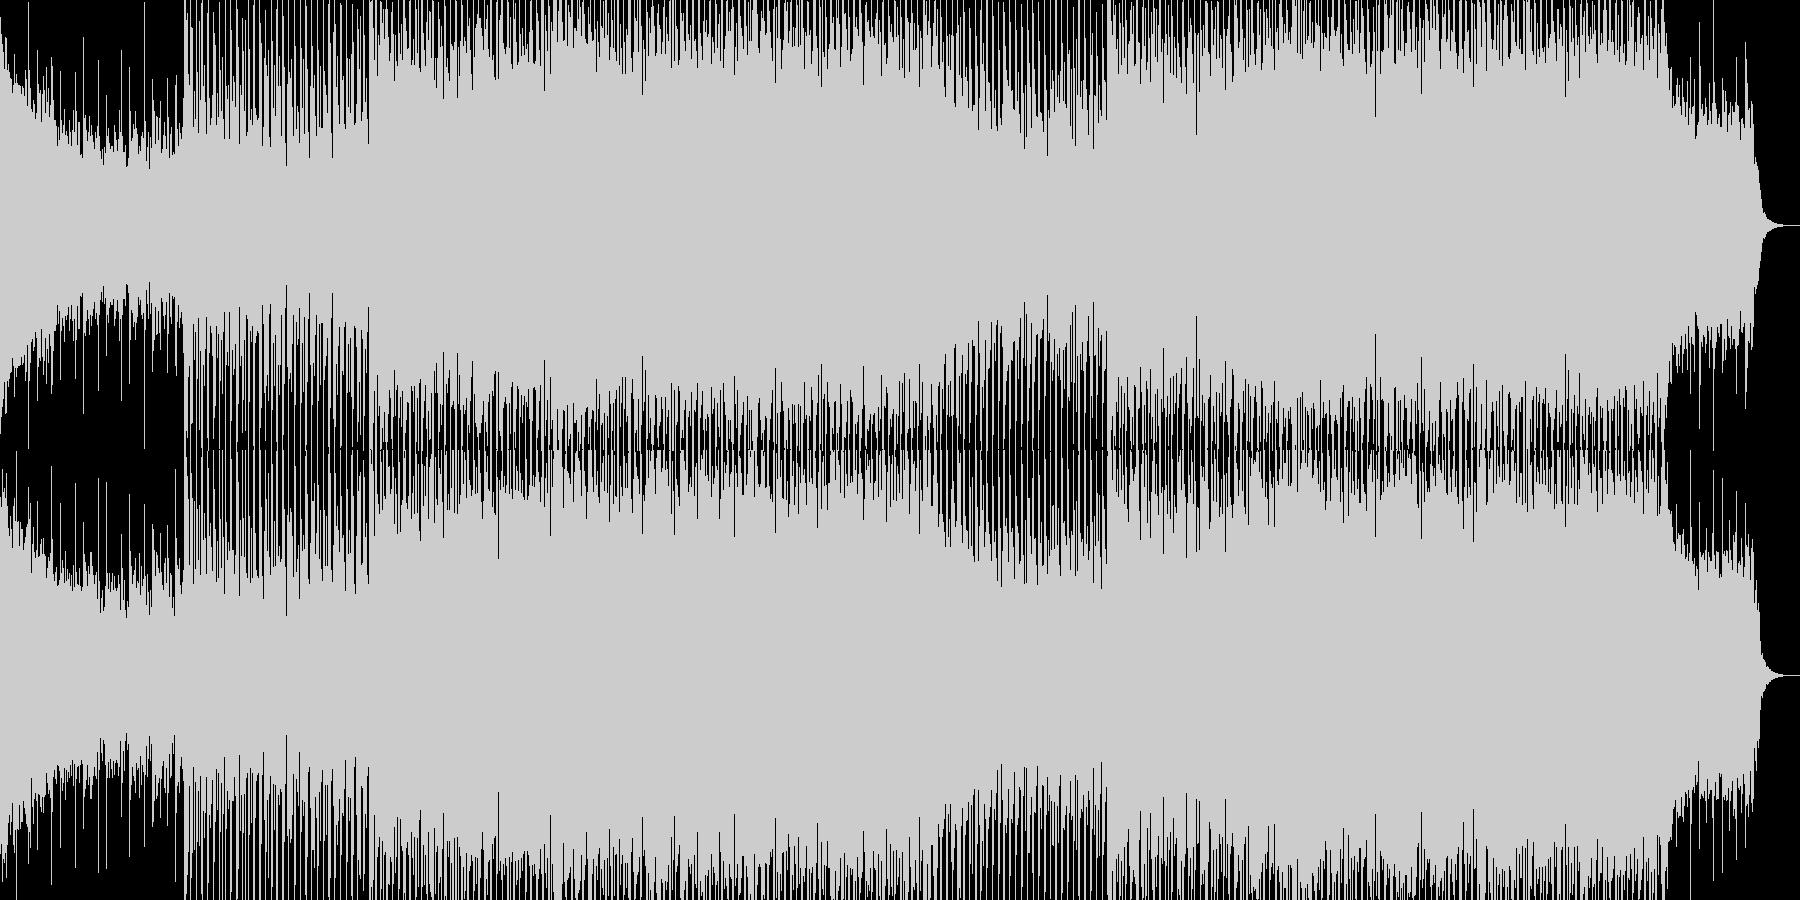 EDMクラブ系ダンスミュージック-82の未再生の波形